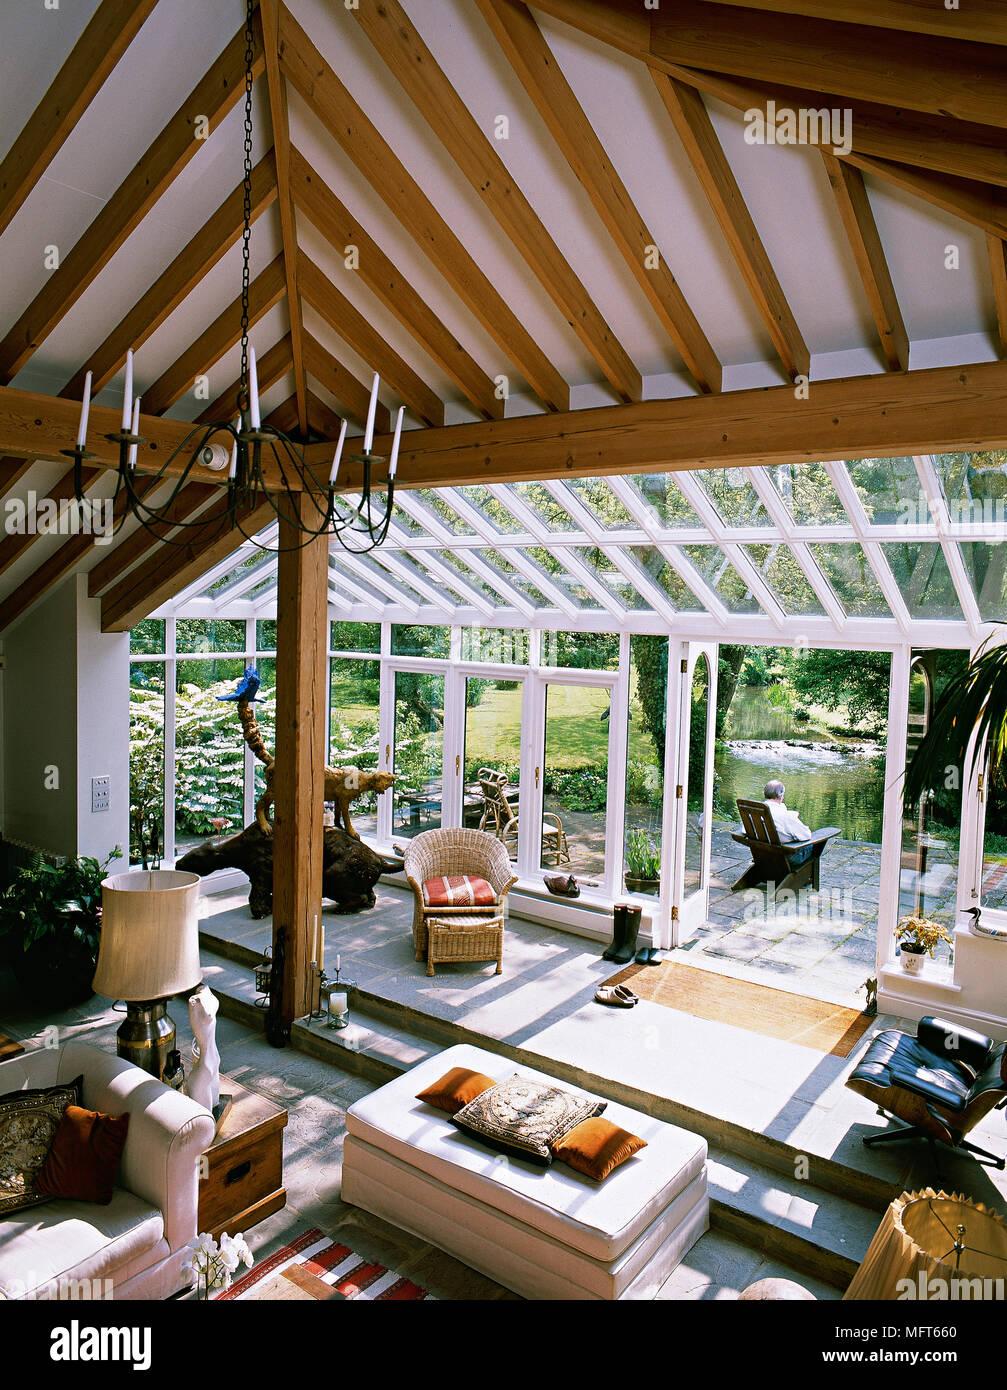 Beliebt Erhöhte Ansicht Wohnzimmer mit gewölbter Decke mit Holzbalken und NE07